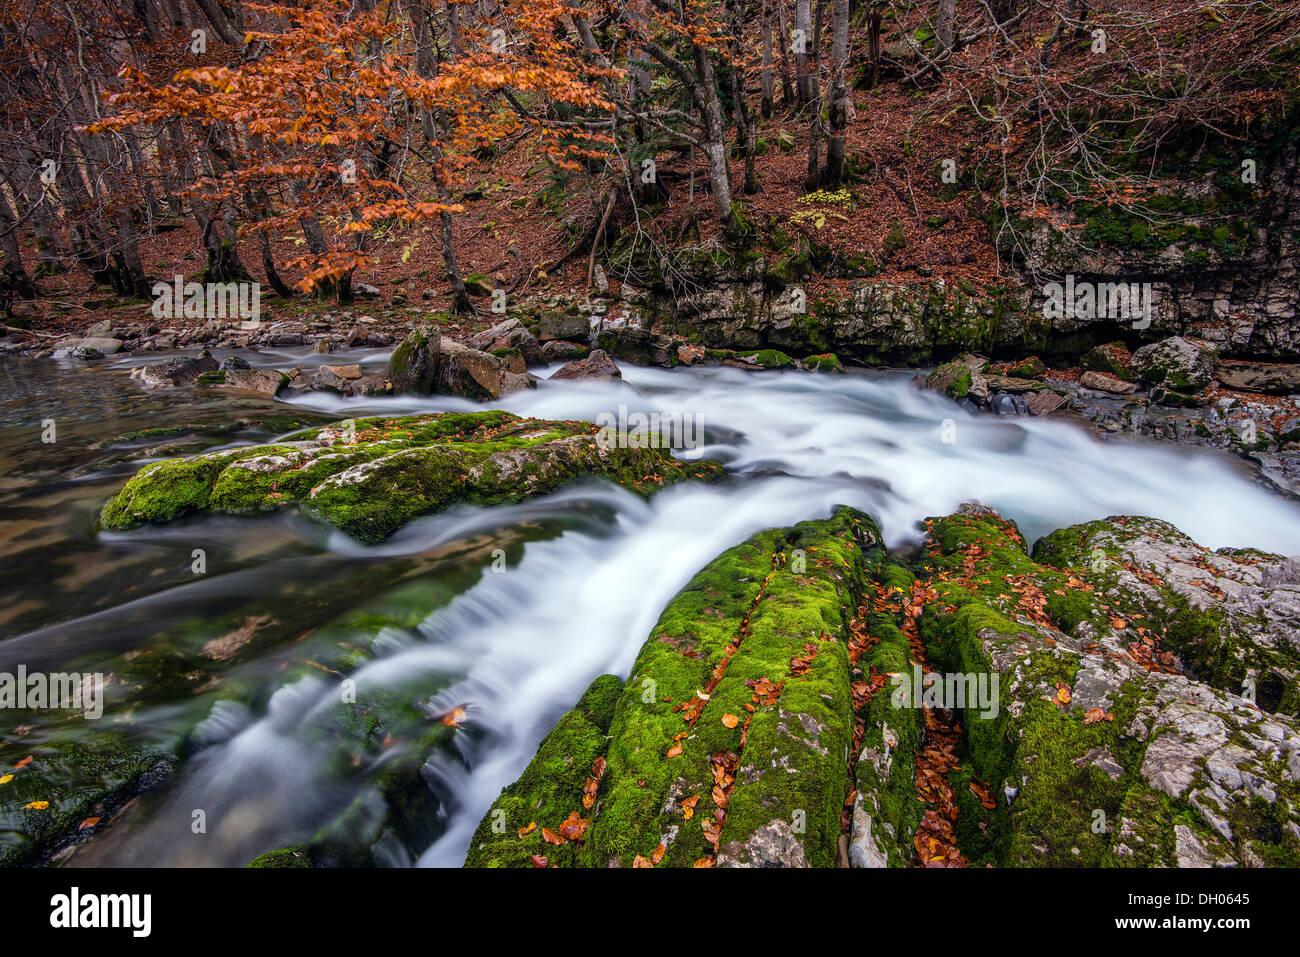 Automne paysage coloré avec blur motion mountain river, Ordesa et Monte Perdido national park, Huesca, Aragon, Espagne Photo Stock